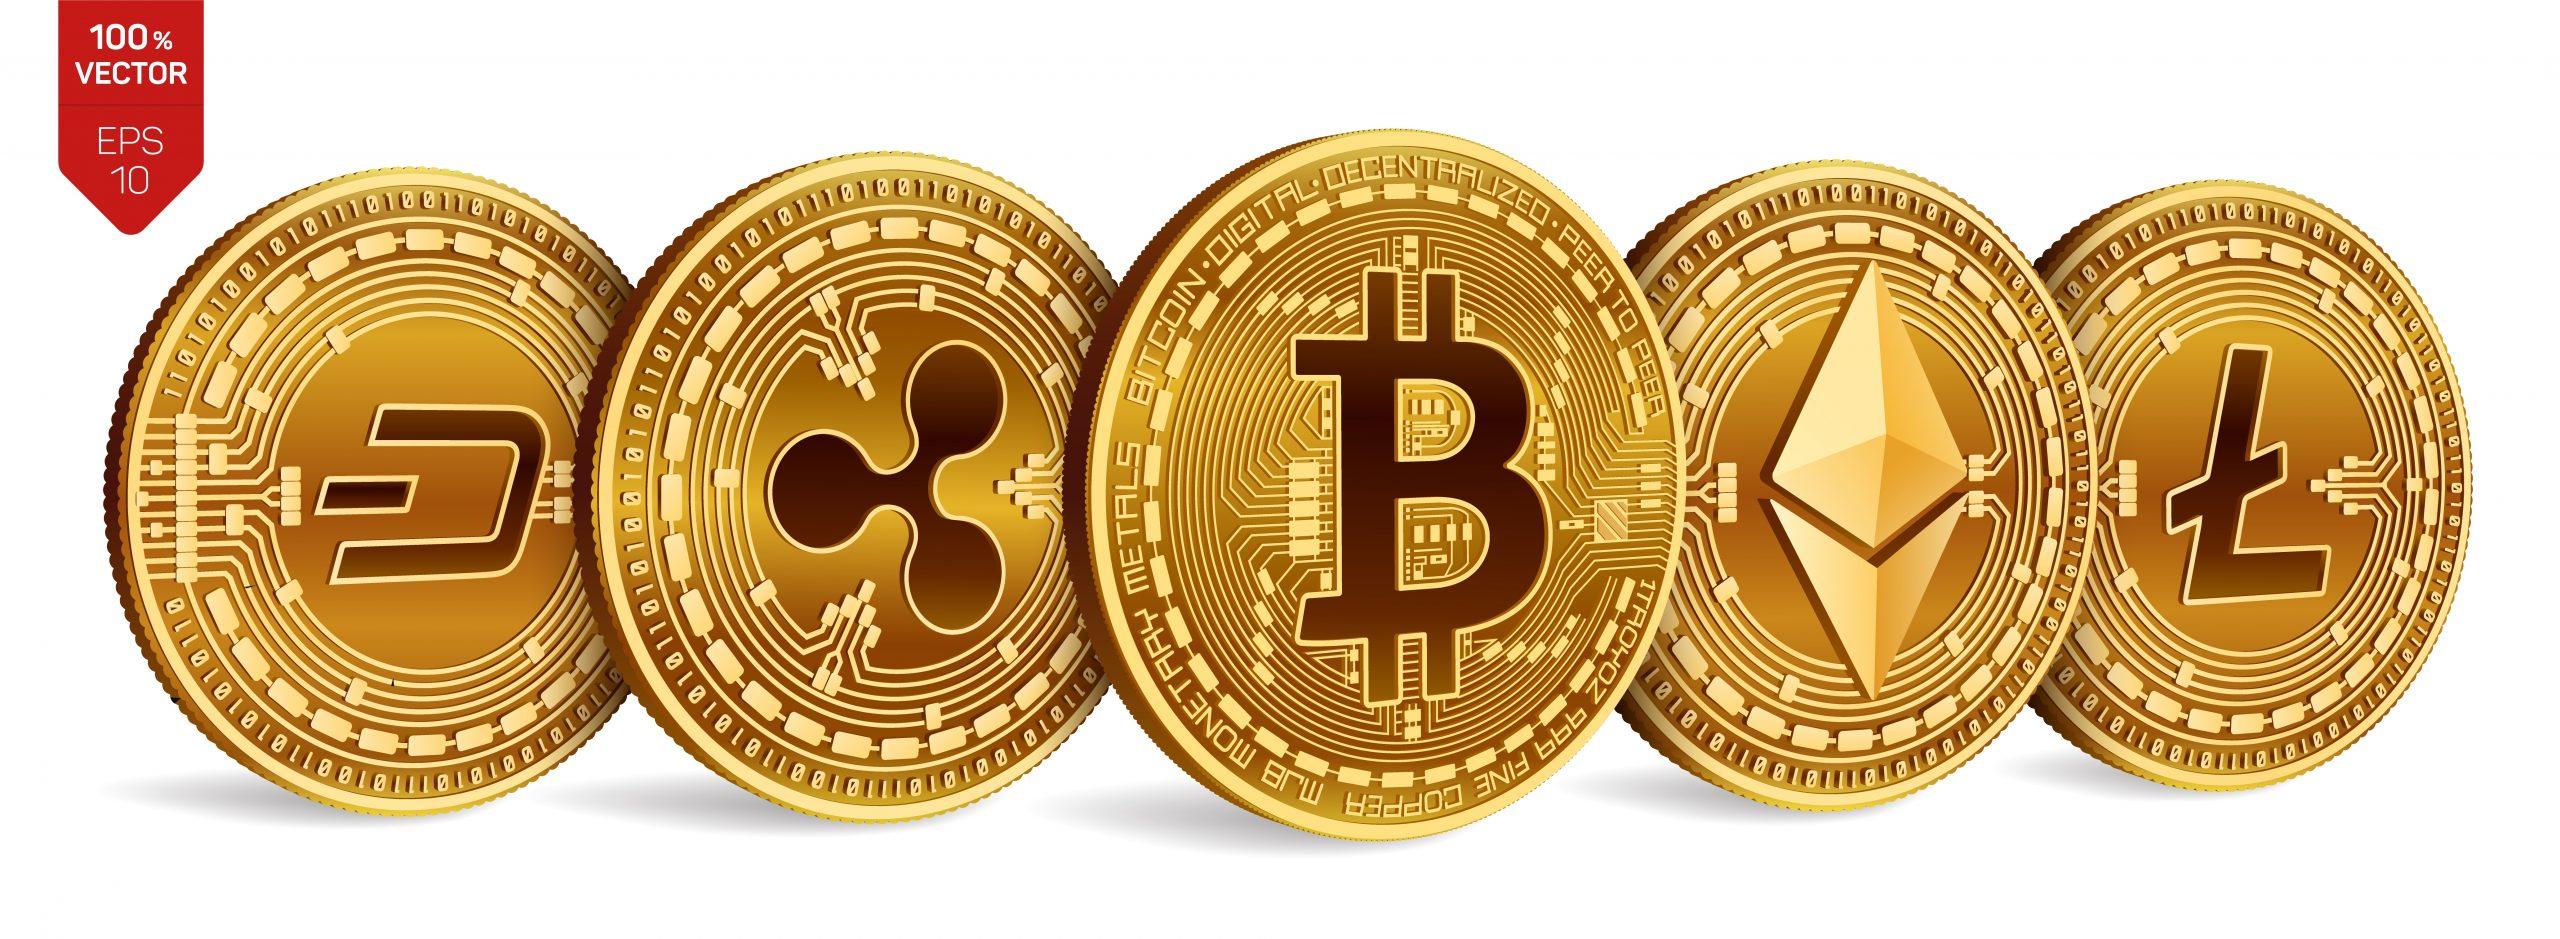 Rappresentazione su moneta di diverse criptovalute